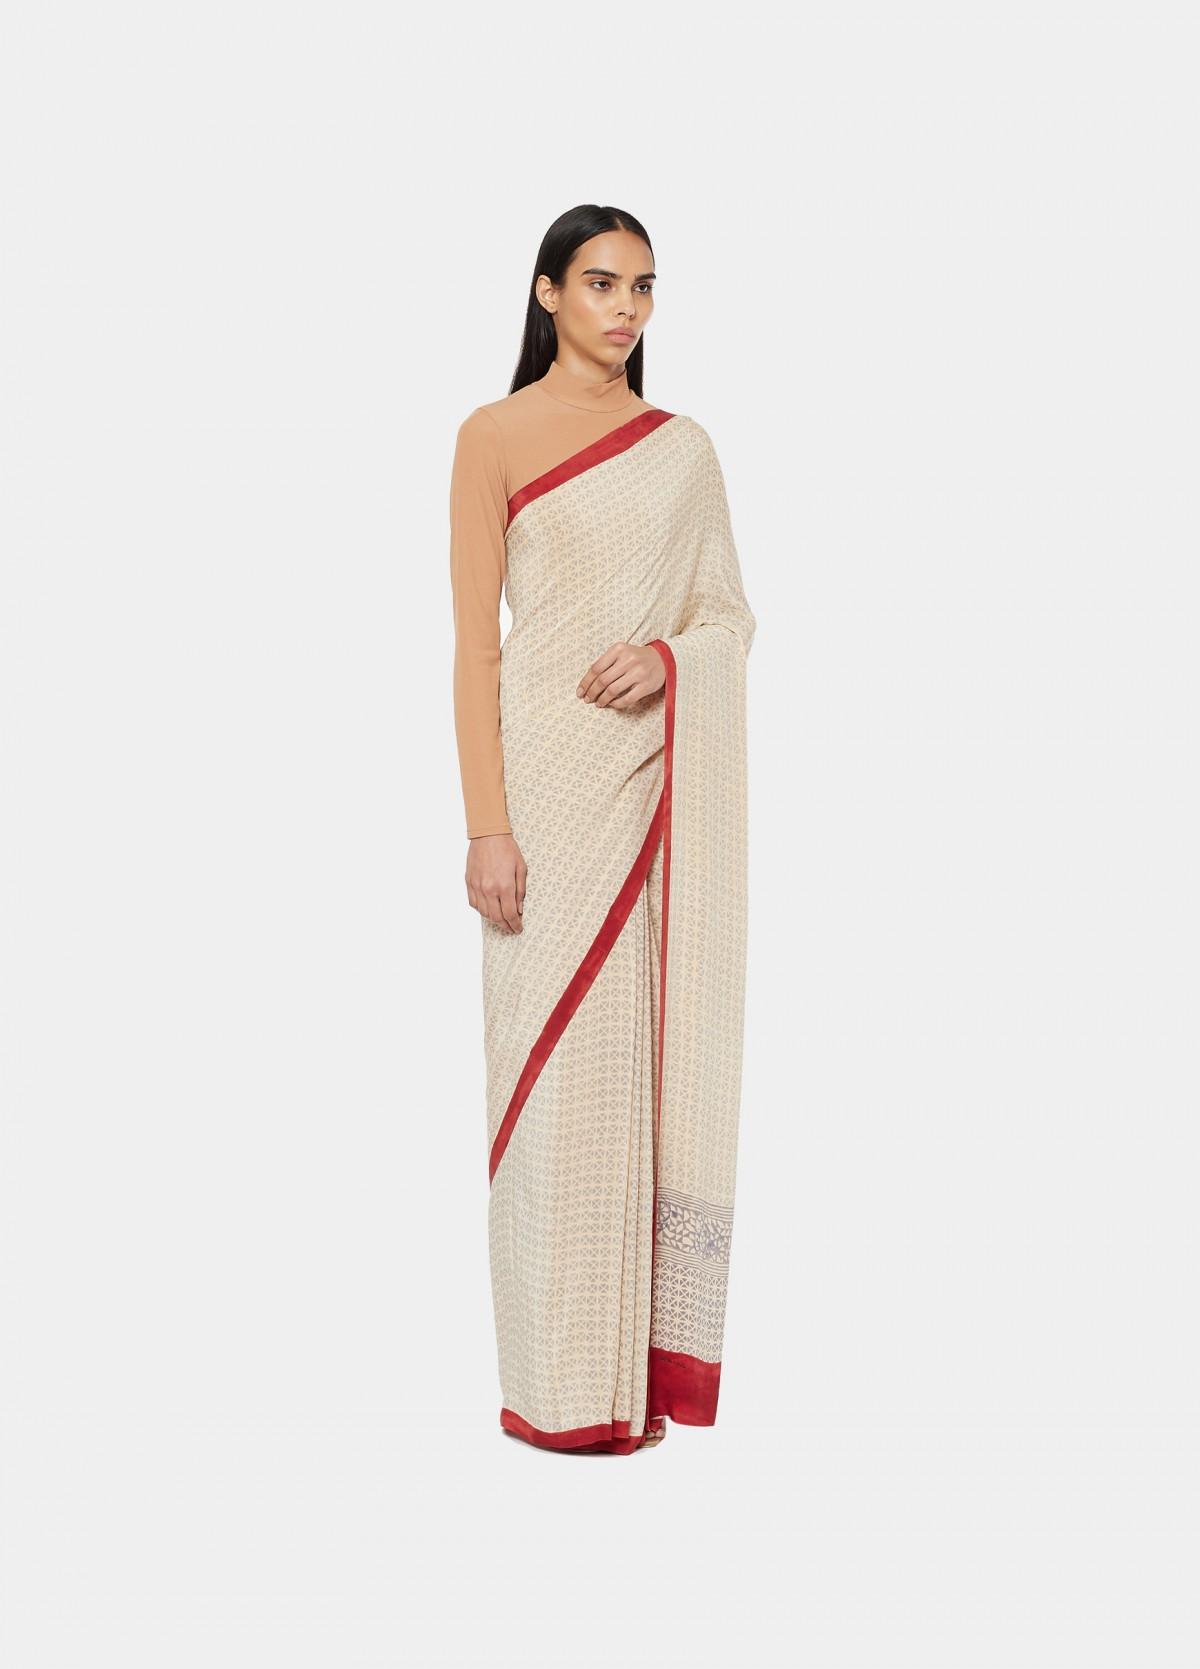 The Taro Sari